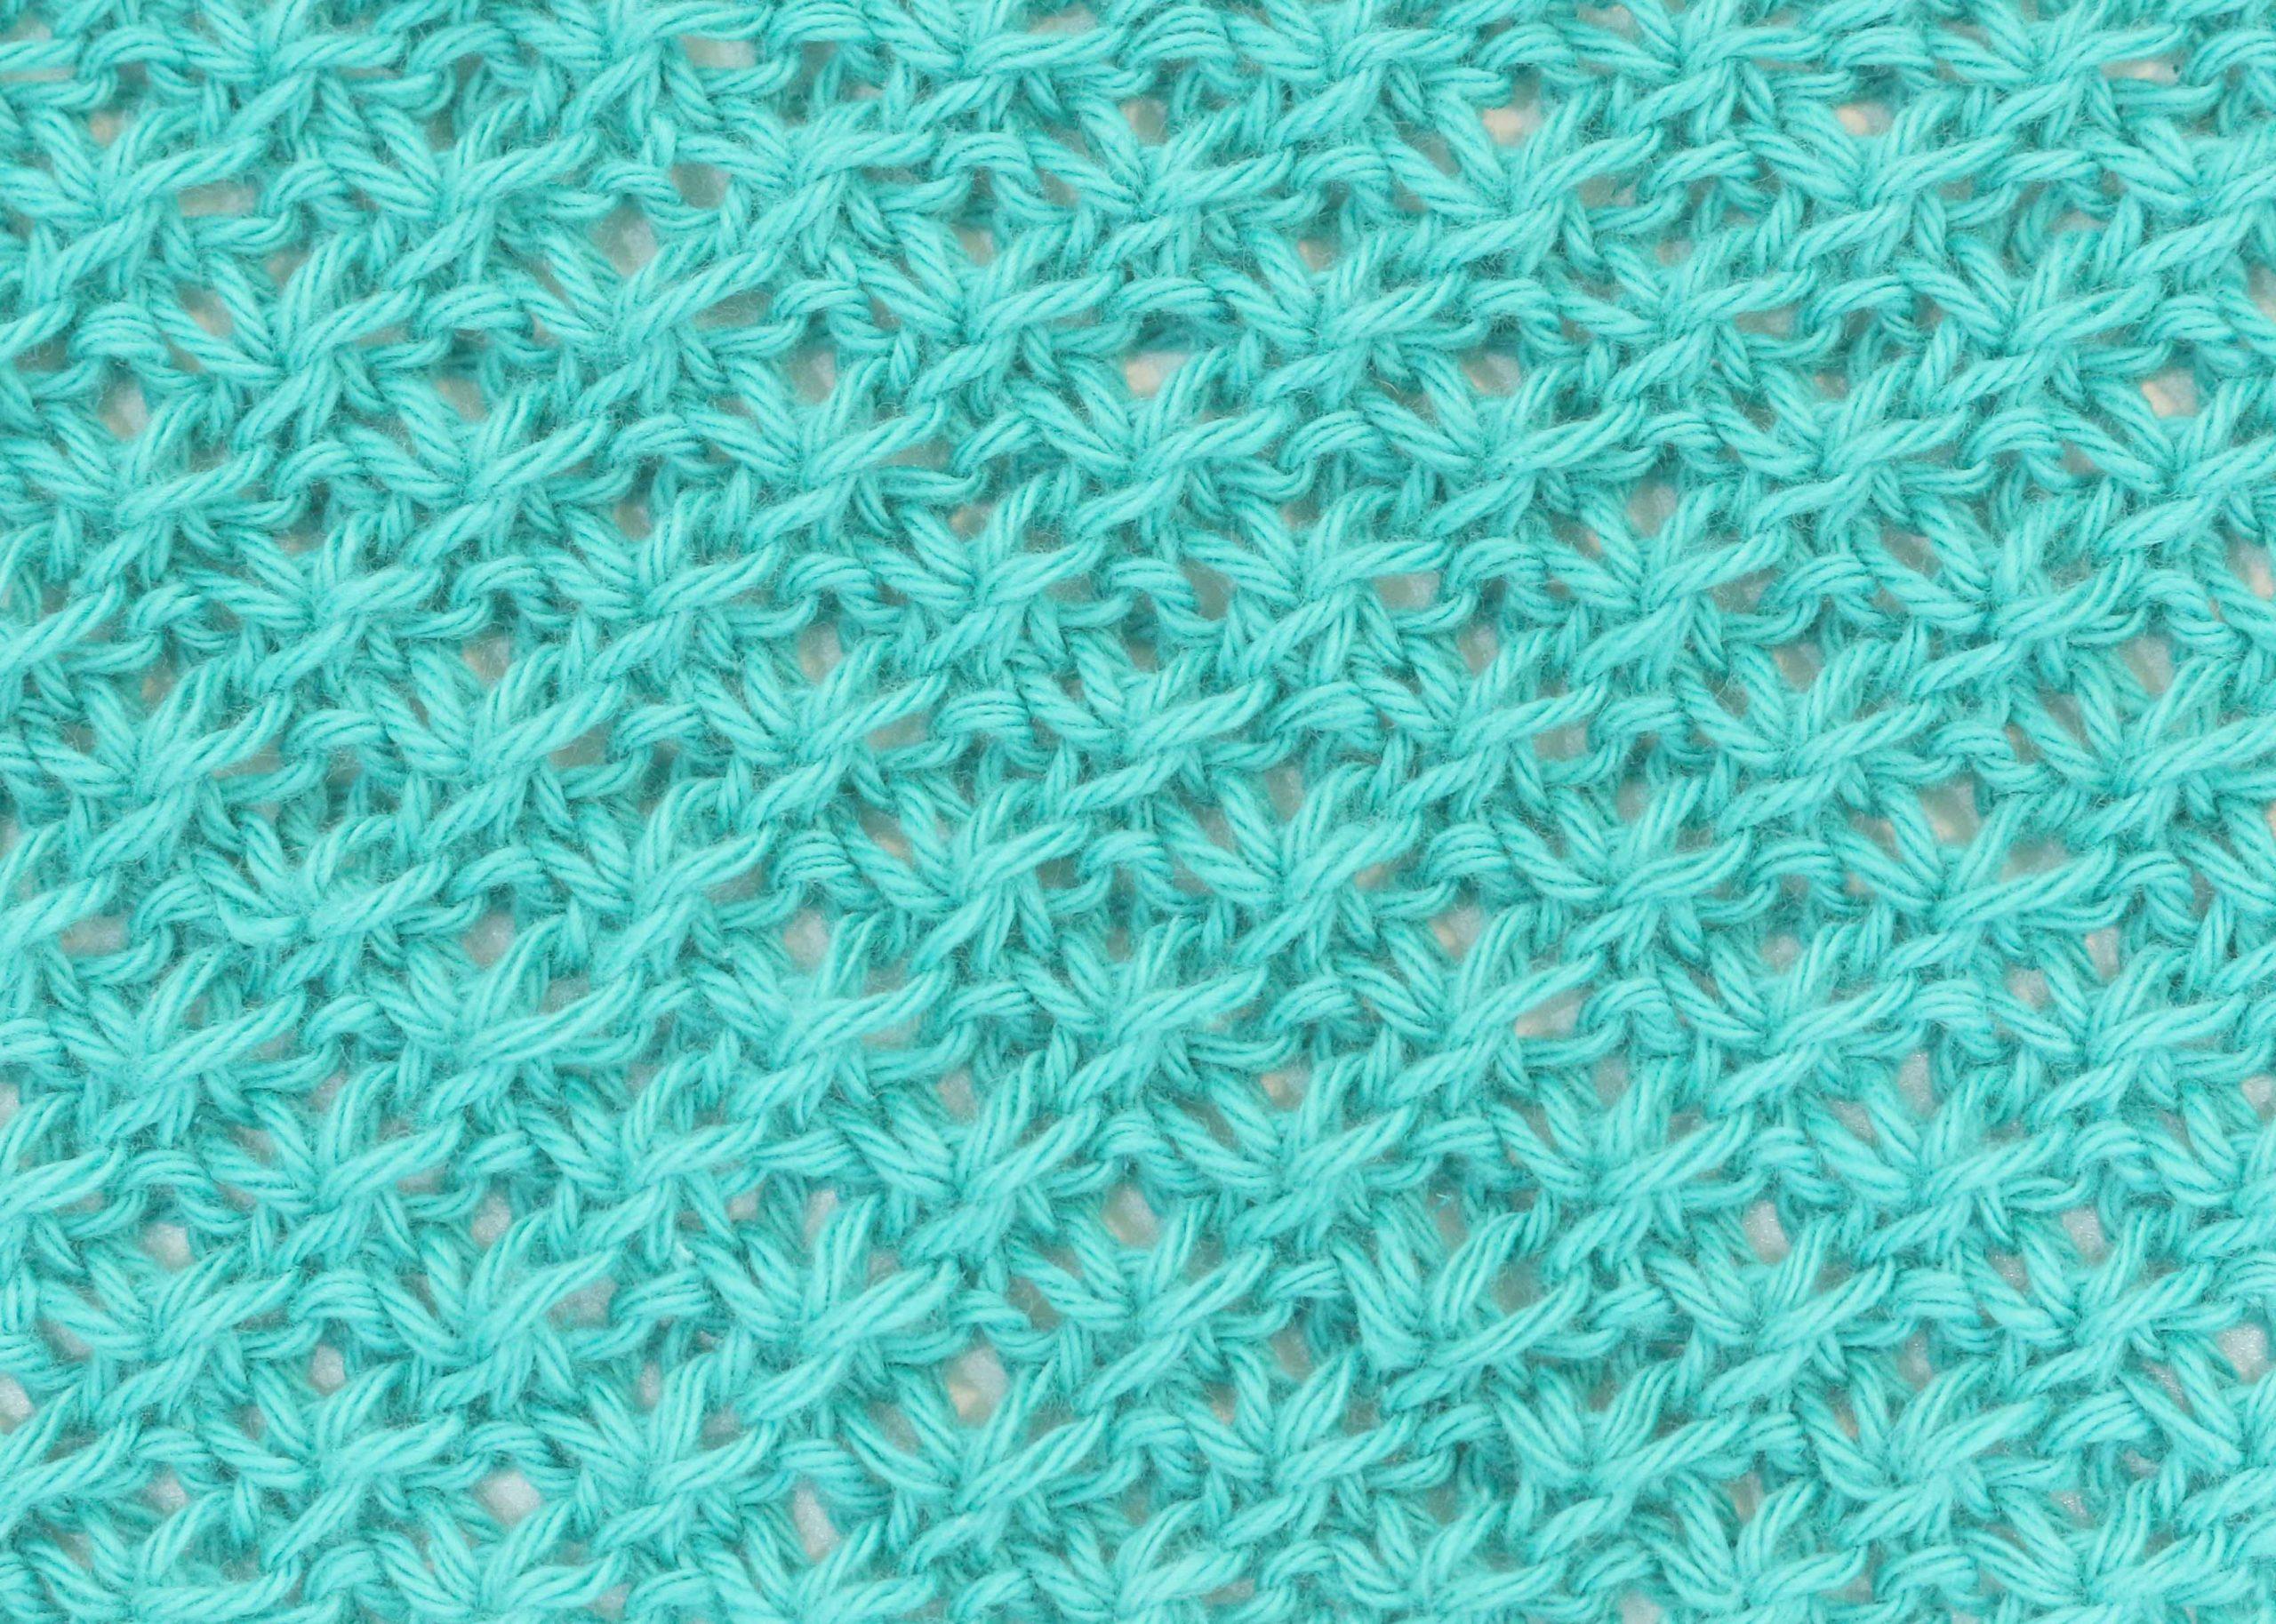 star stitch free knitting pattern